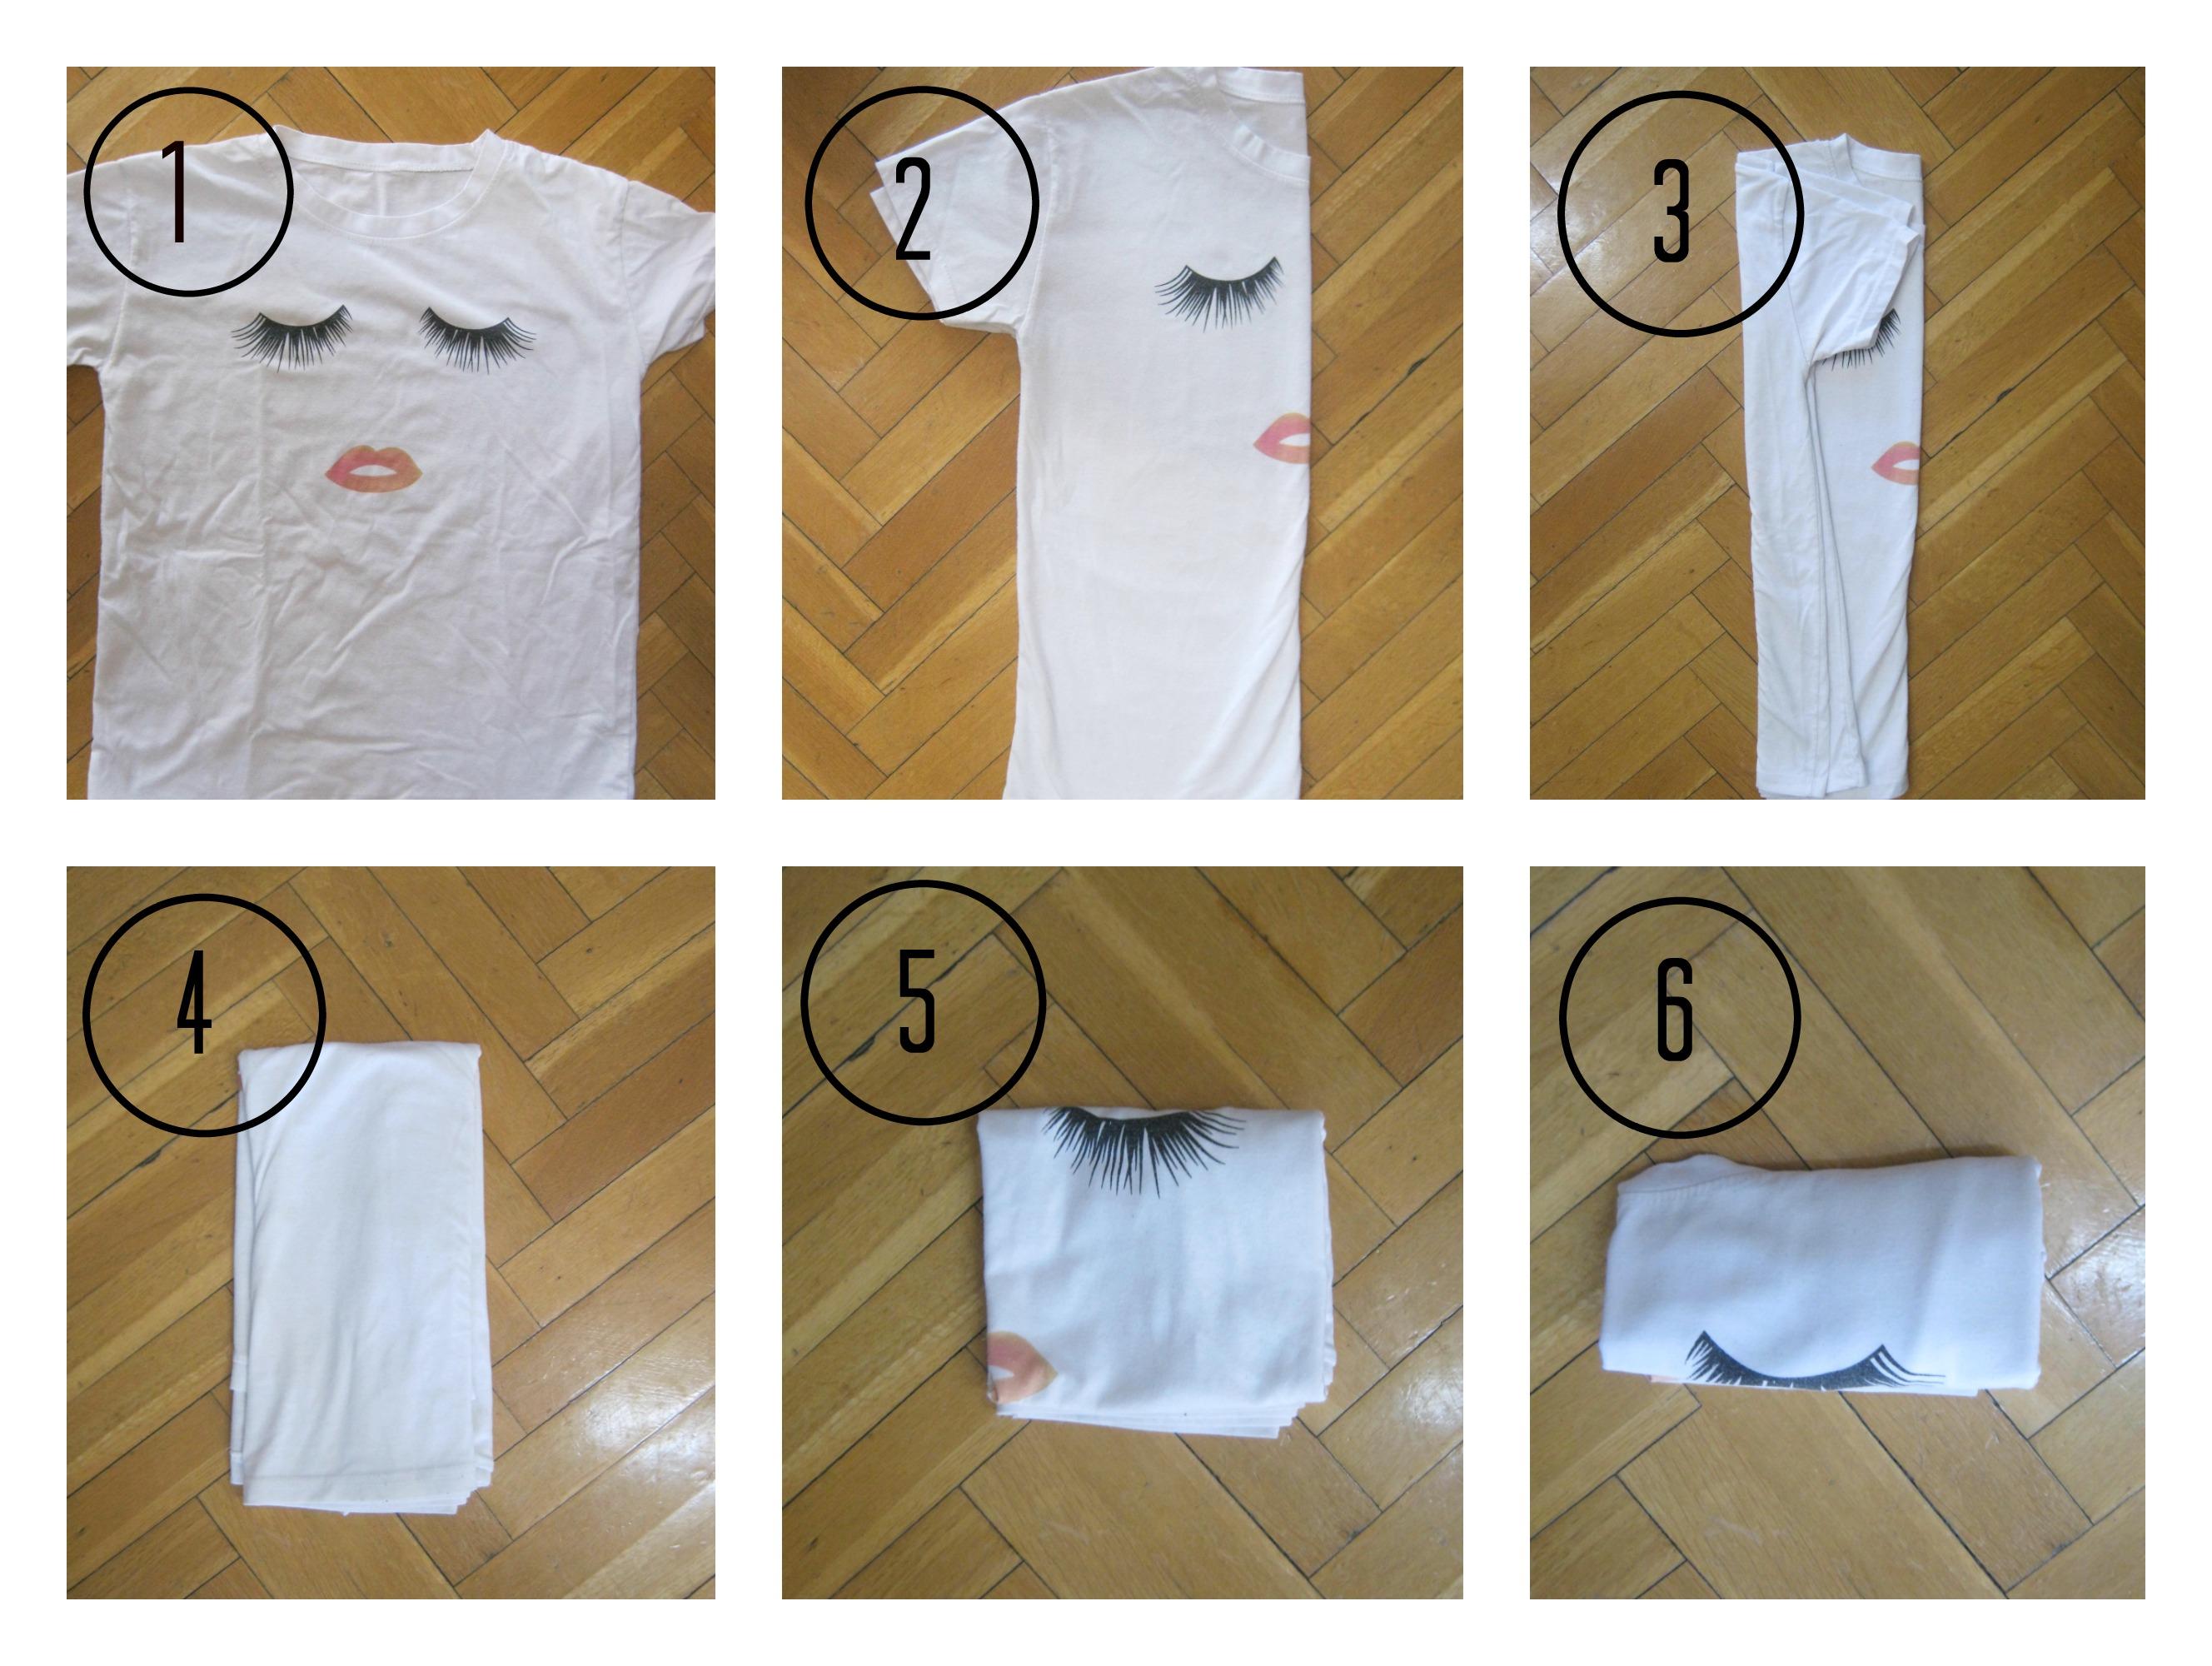 doblar ropa en vertical interesting doblar ropa en